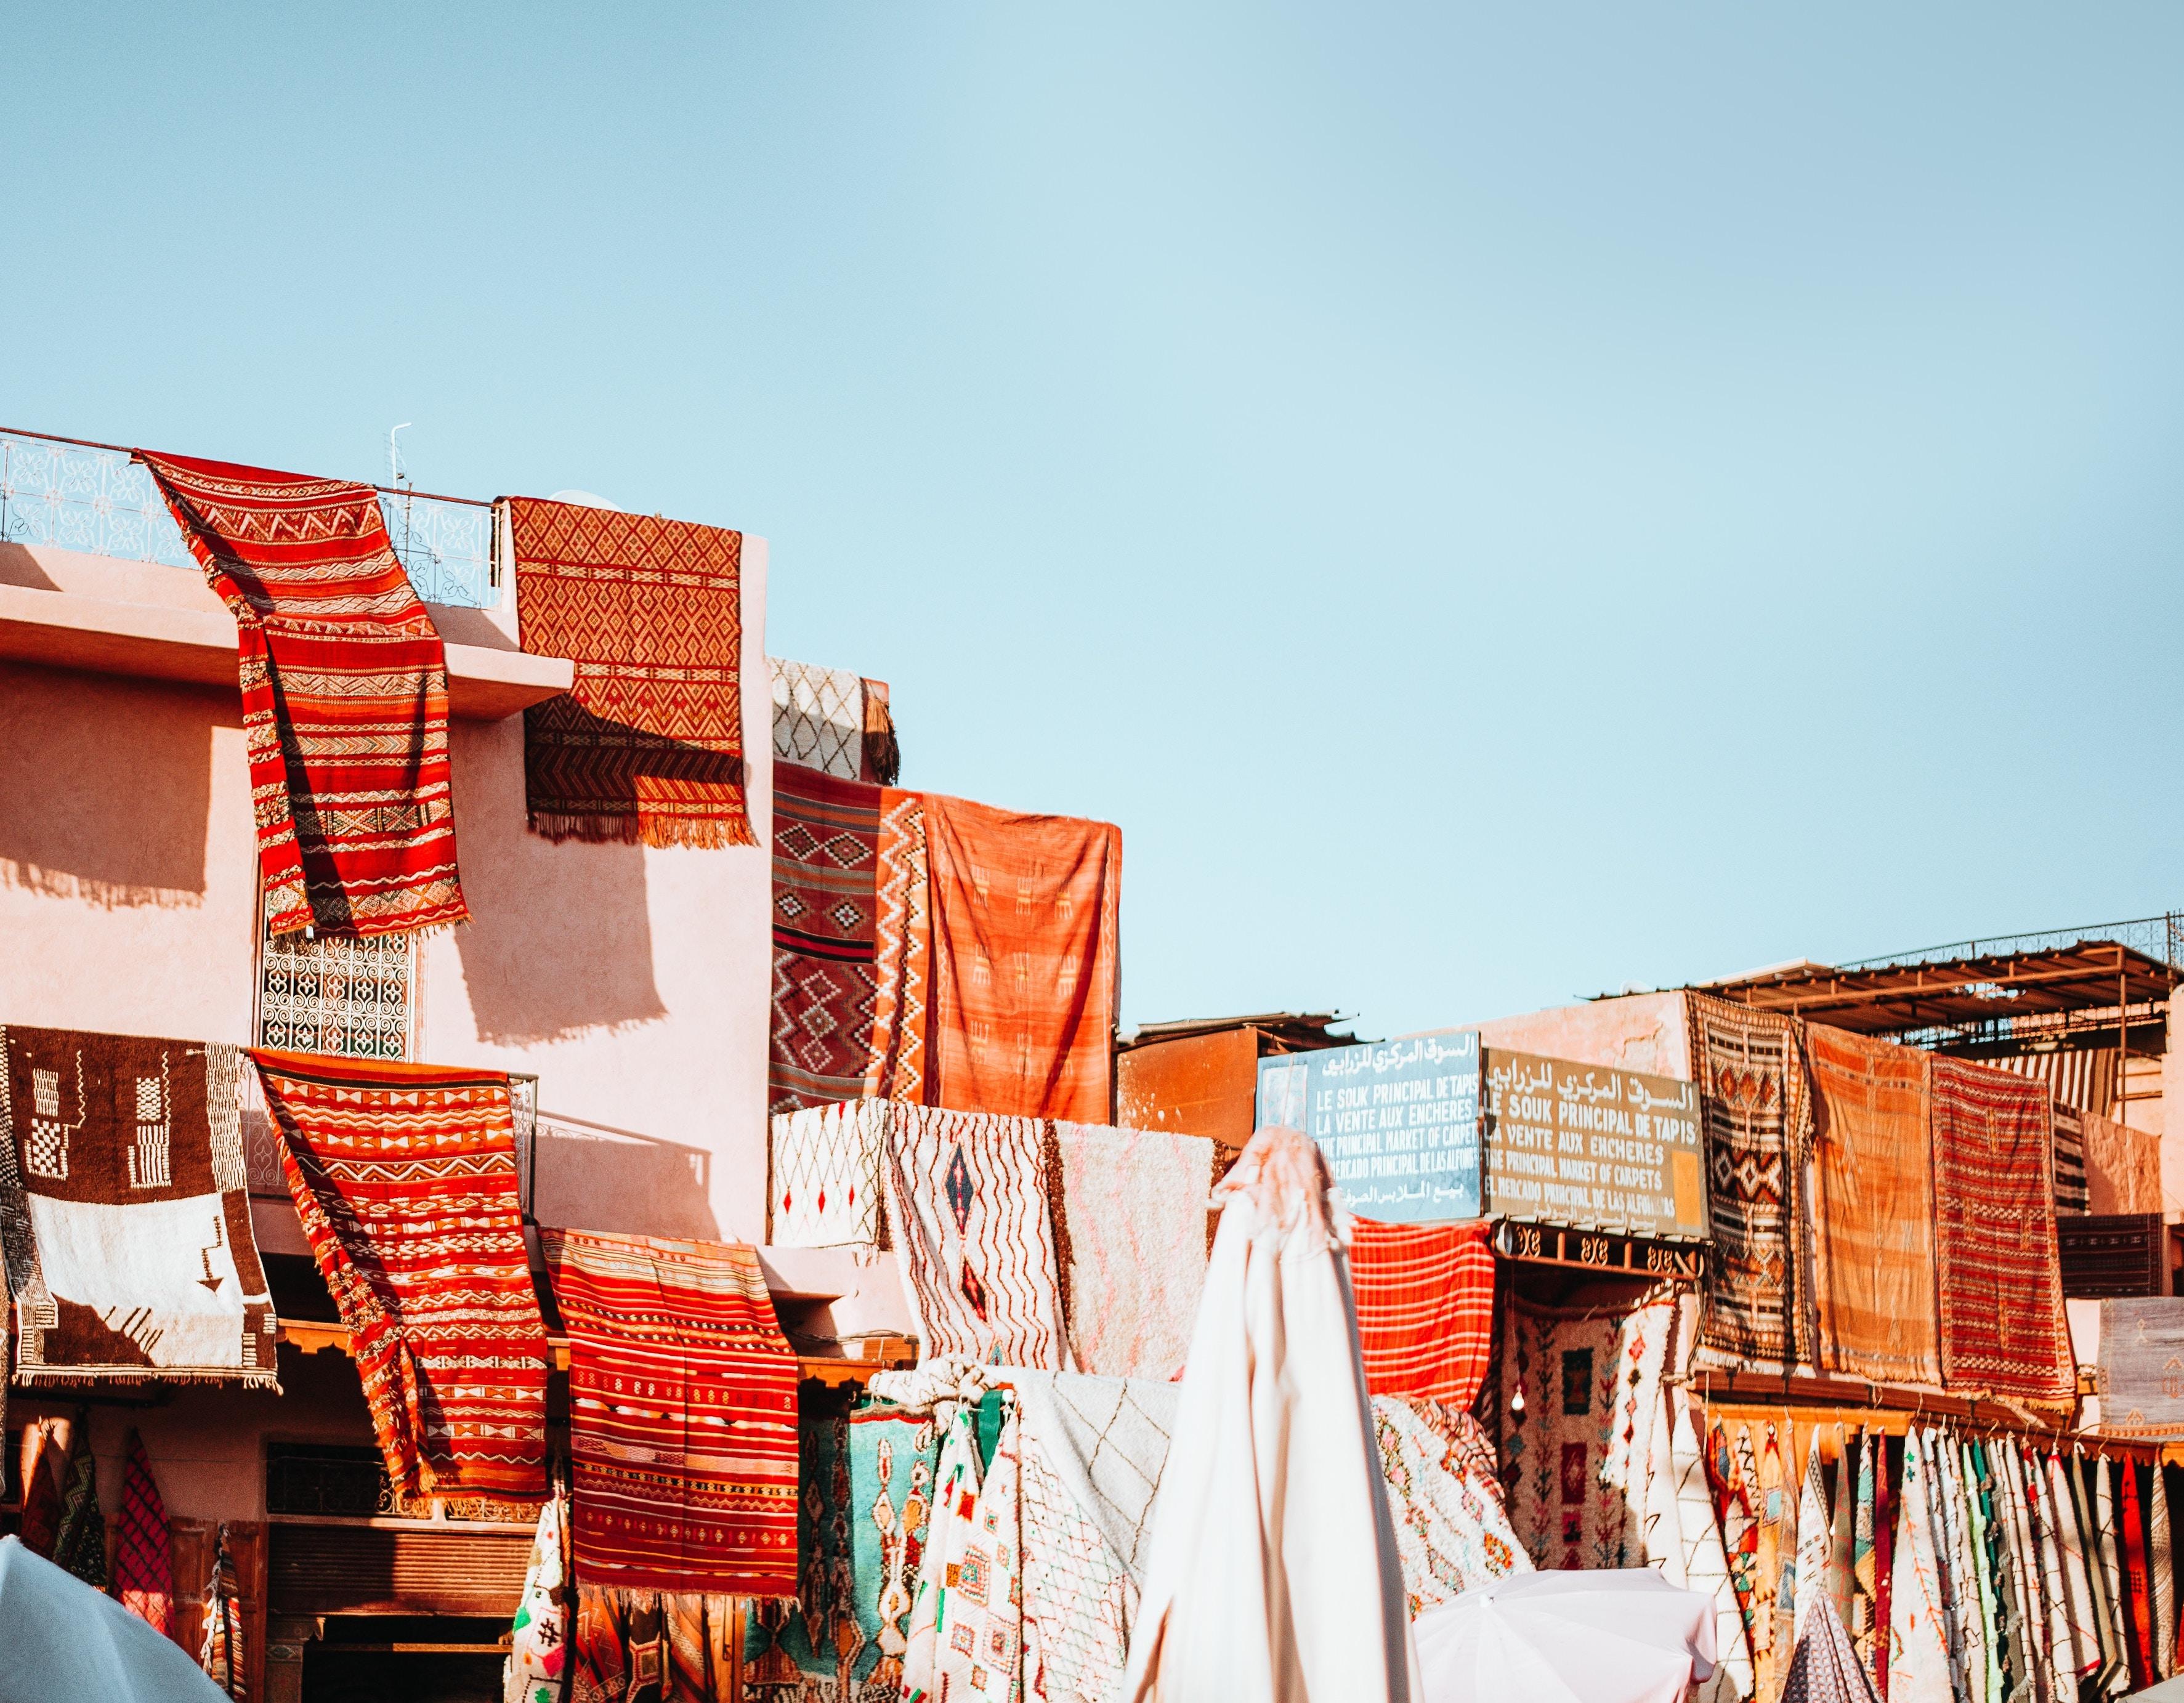 Hoch im Atlas Gebirge leben Berber Frauen, die kunstvolle Teppiche und Bekleidung aus Wolle weben. Wie die Generationen zuvor.